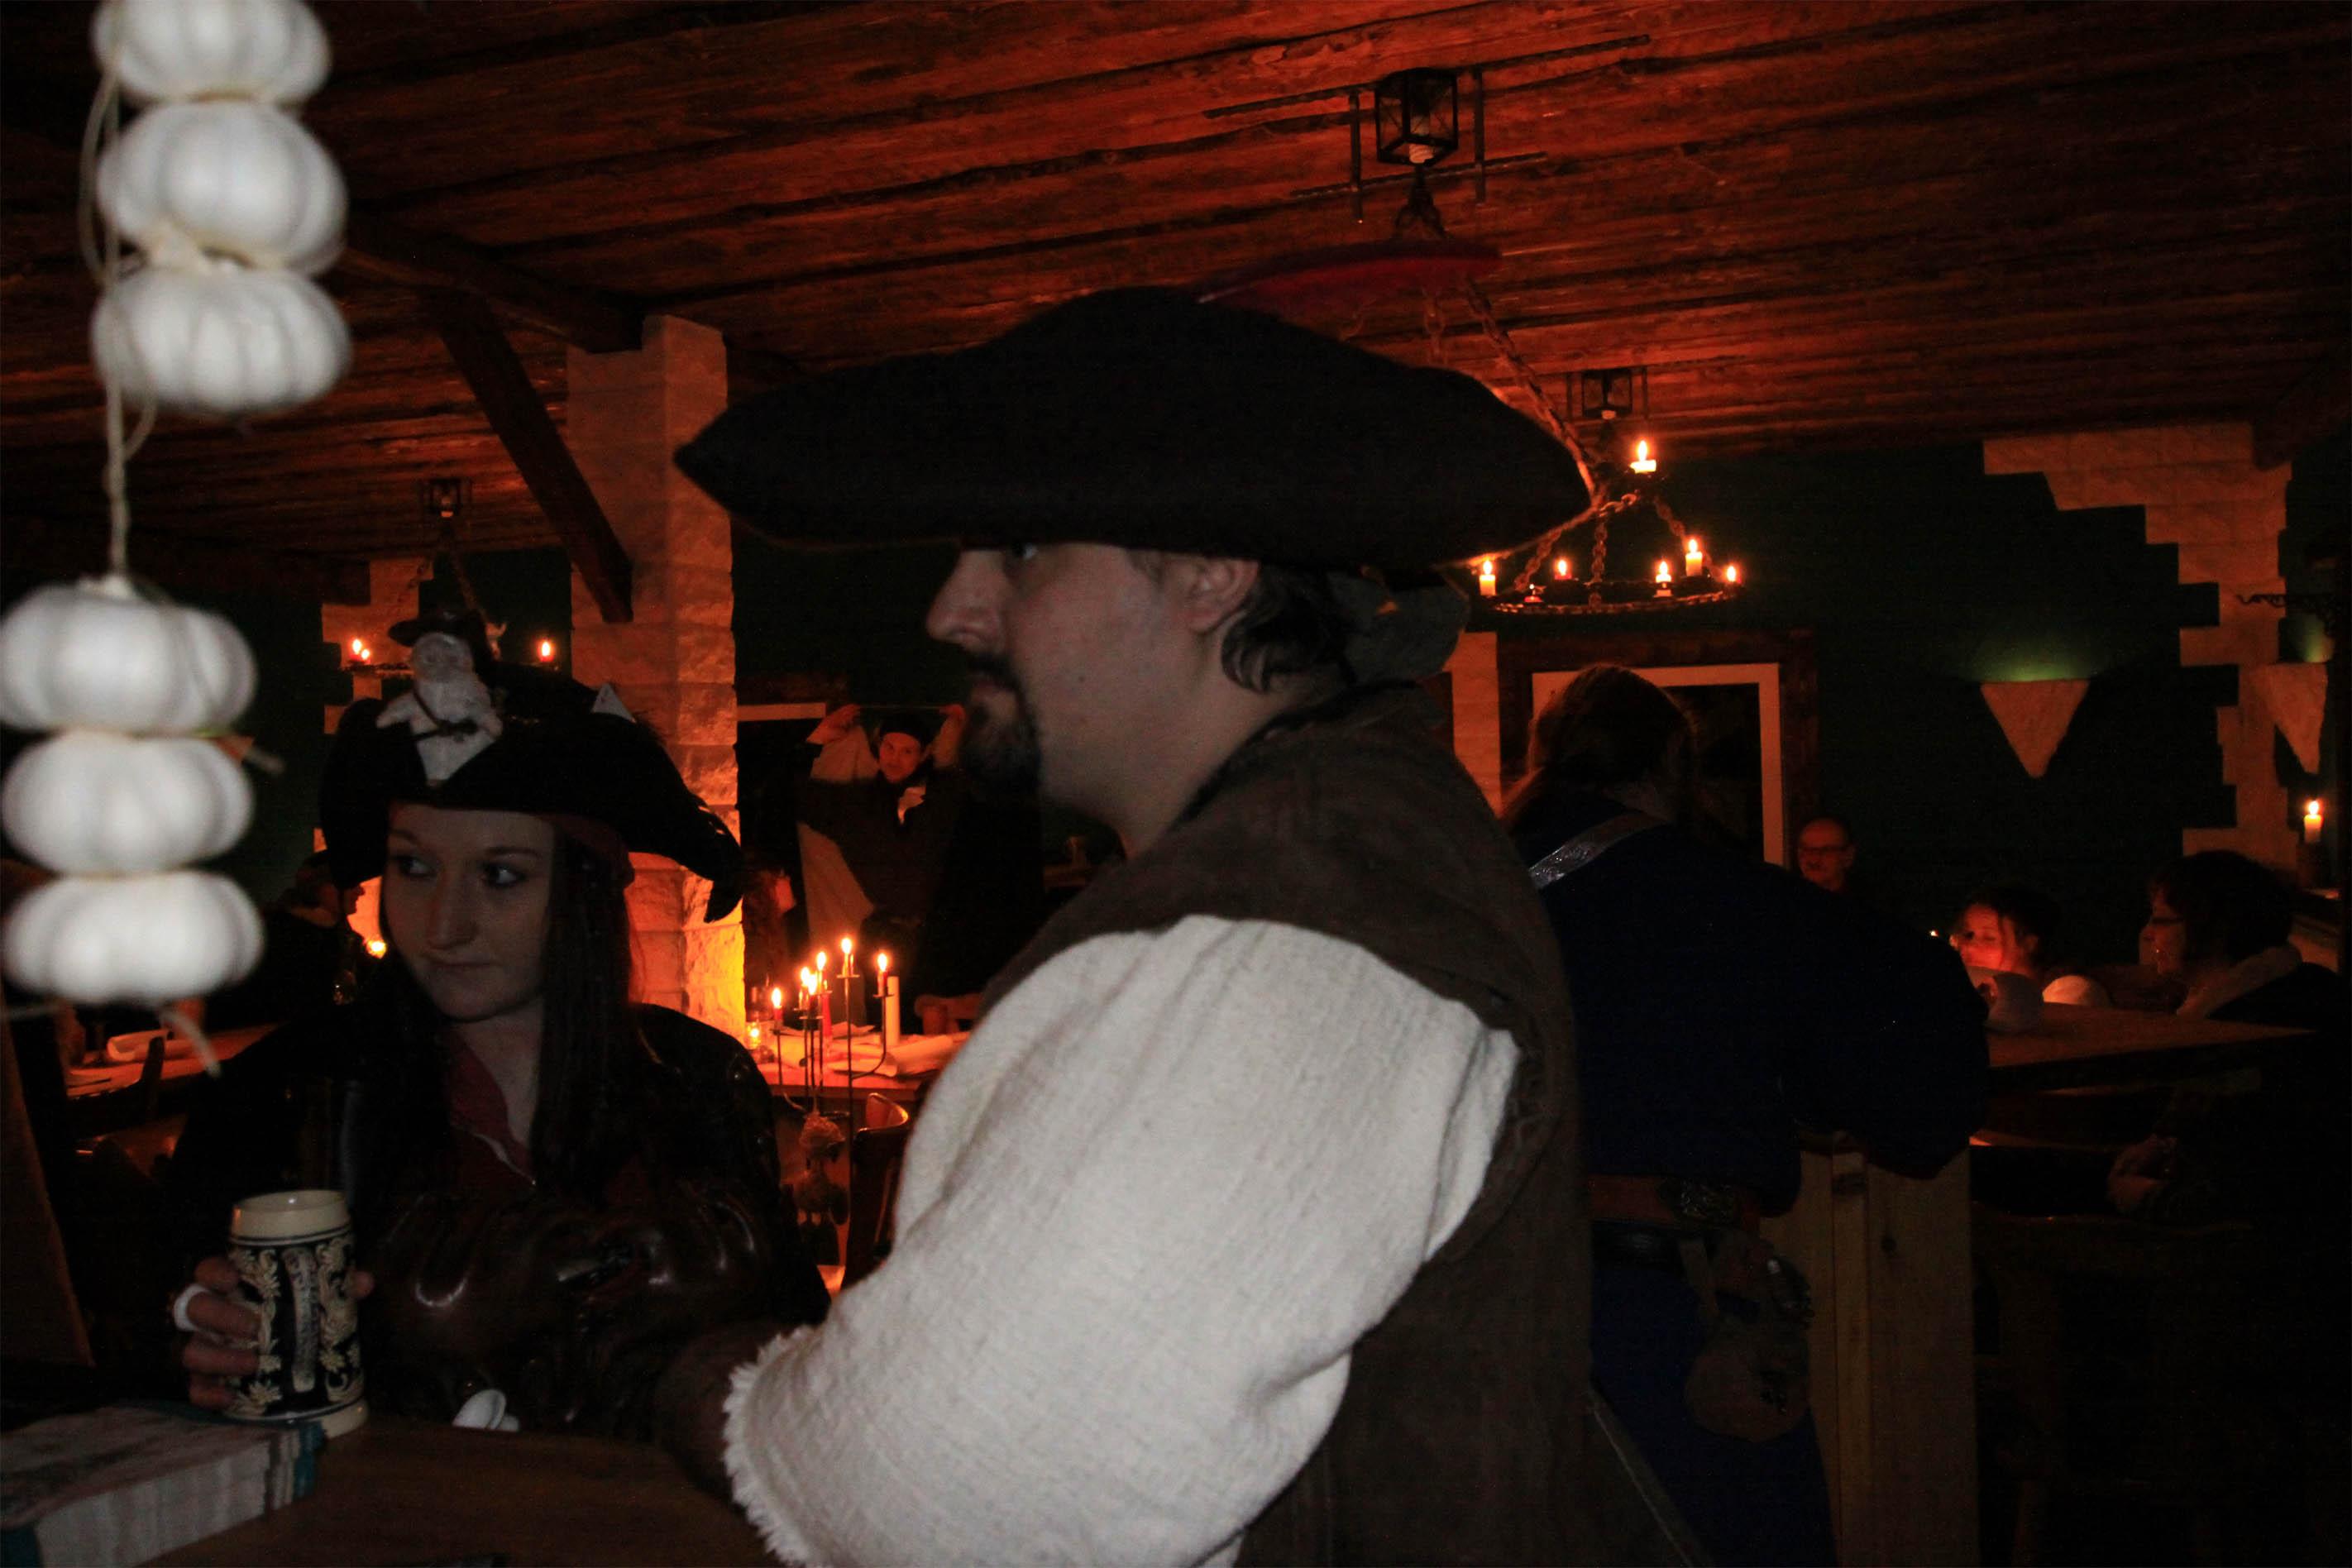 Hier findest du ein Bild aus der Larp Taverne zum fröhlichen Ferkel. Eine Larp Taverne der ganz besonderen Art. Nicht nur gemütlich feiern sondern auch...